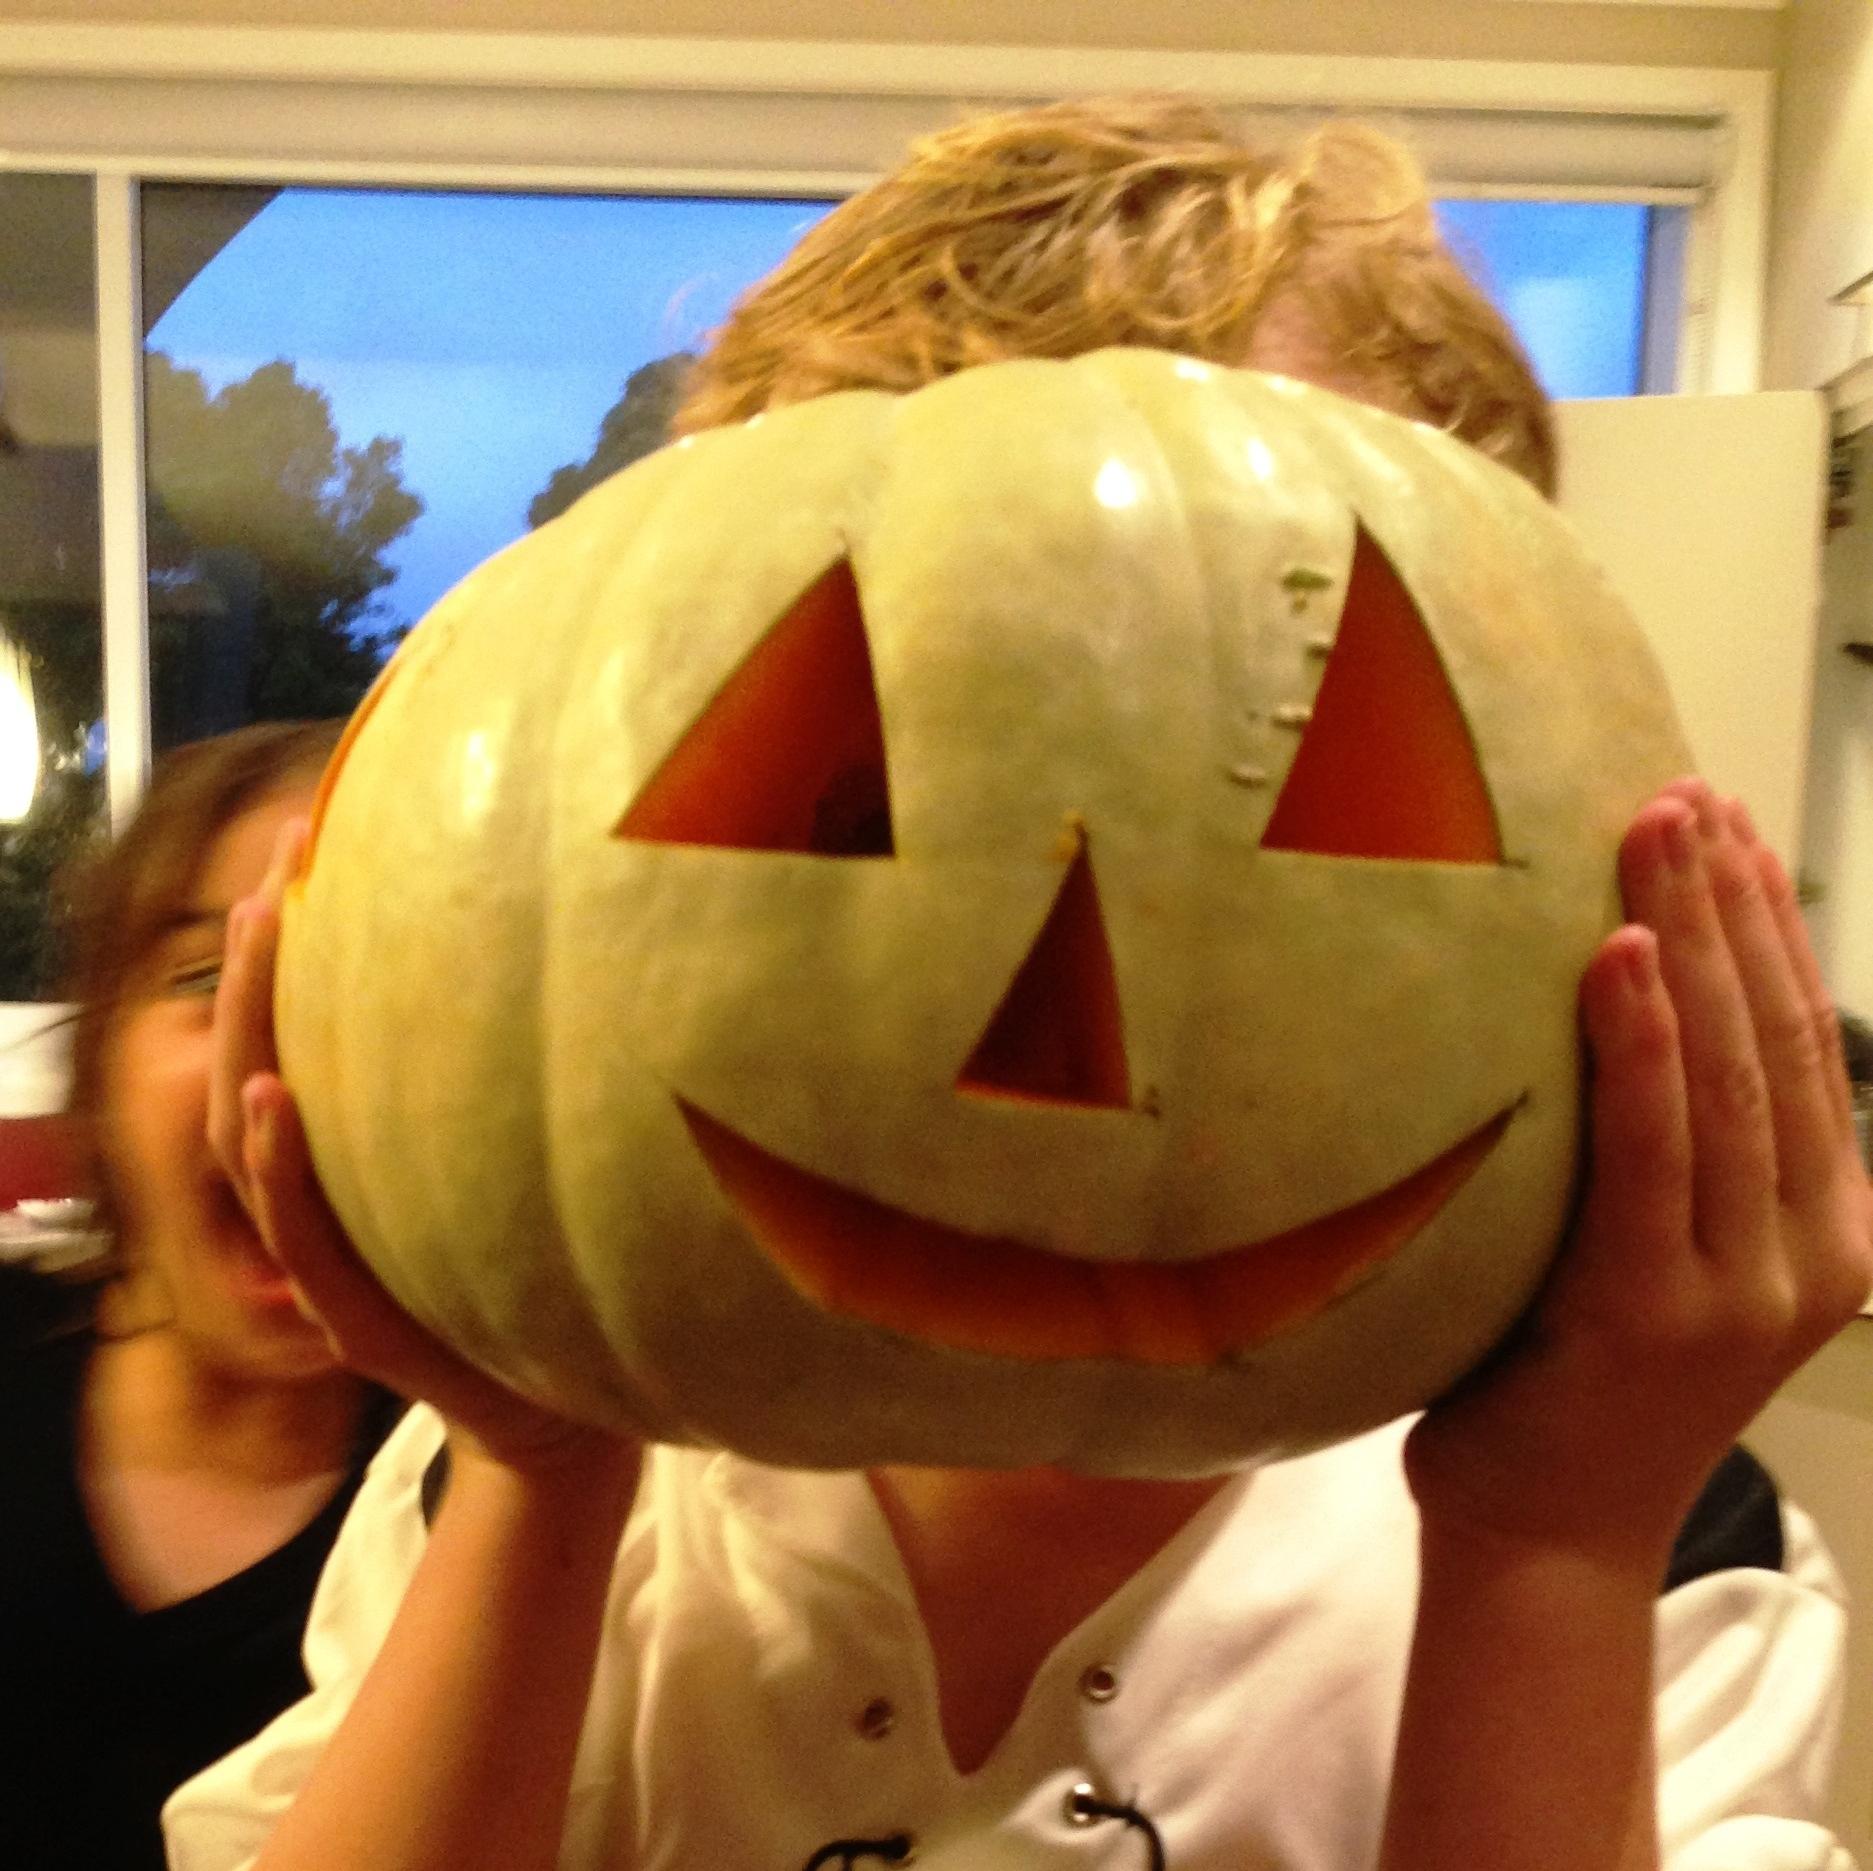 Carved pumpkin no light.jpeg